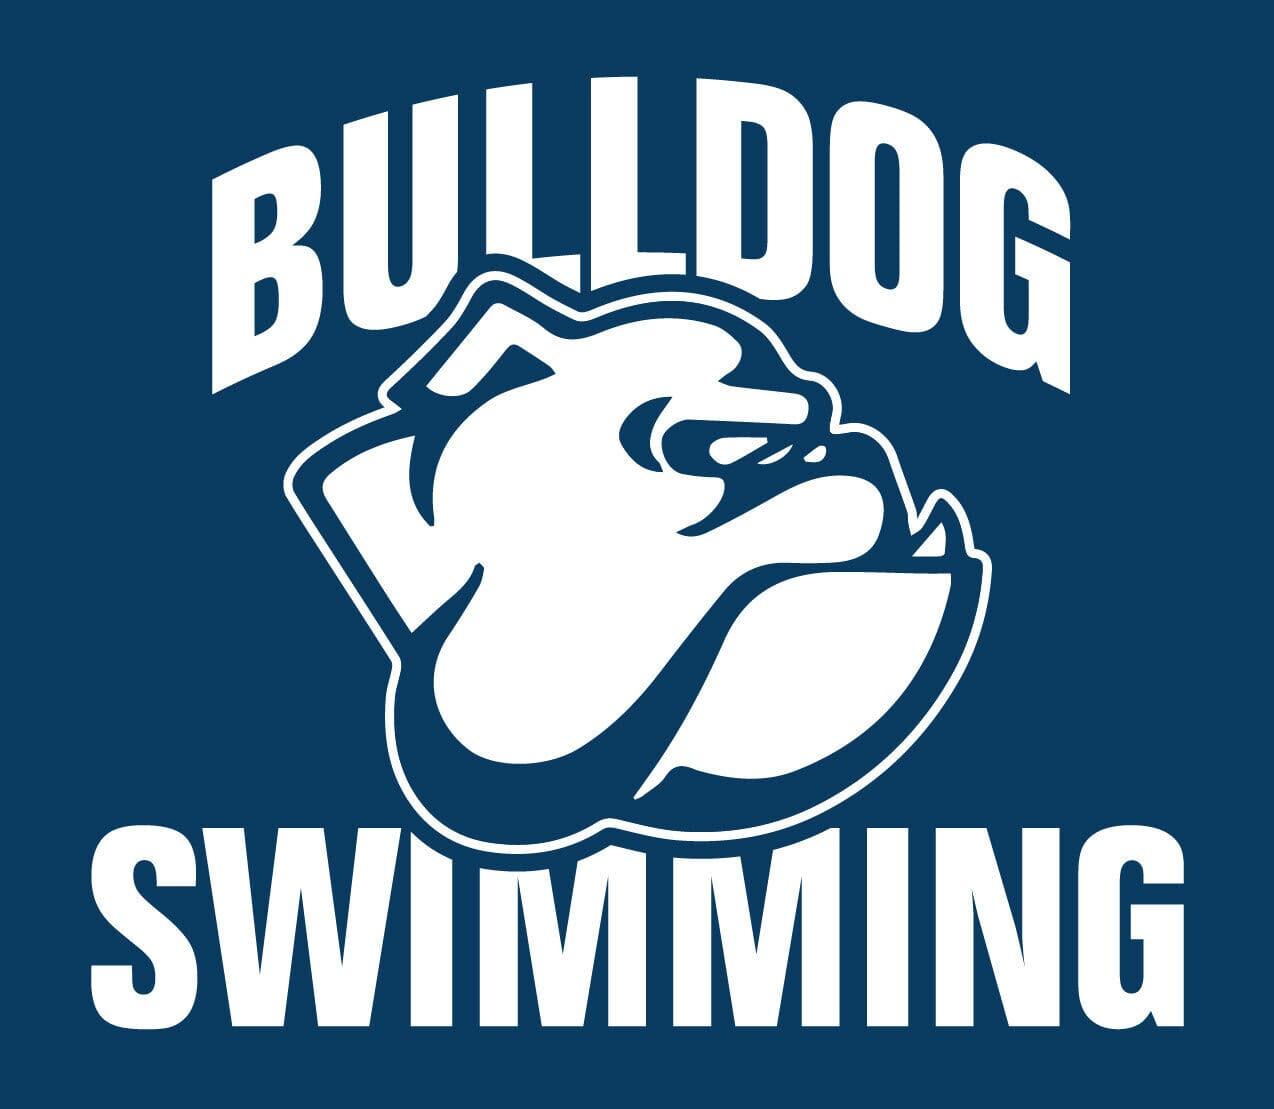 Bulldog Swimming logo